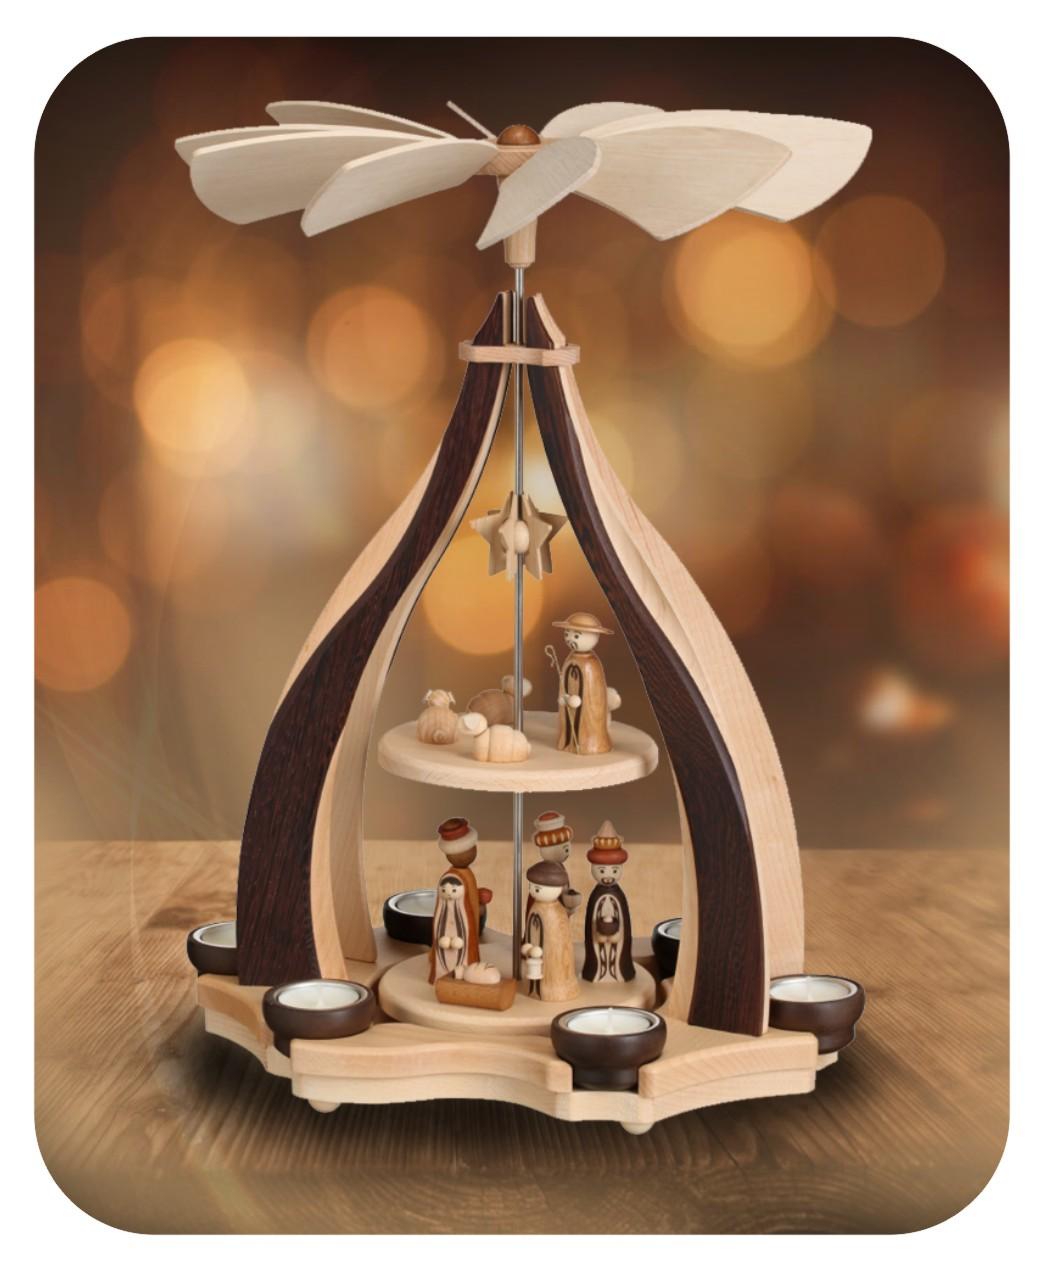 Design-Pyramide Christi Geburt für sechs Teelichter